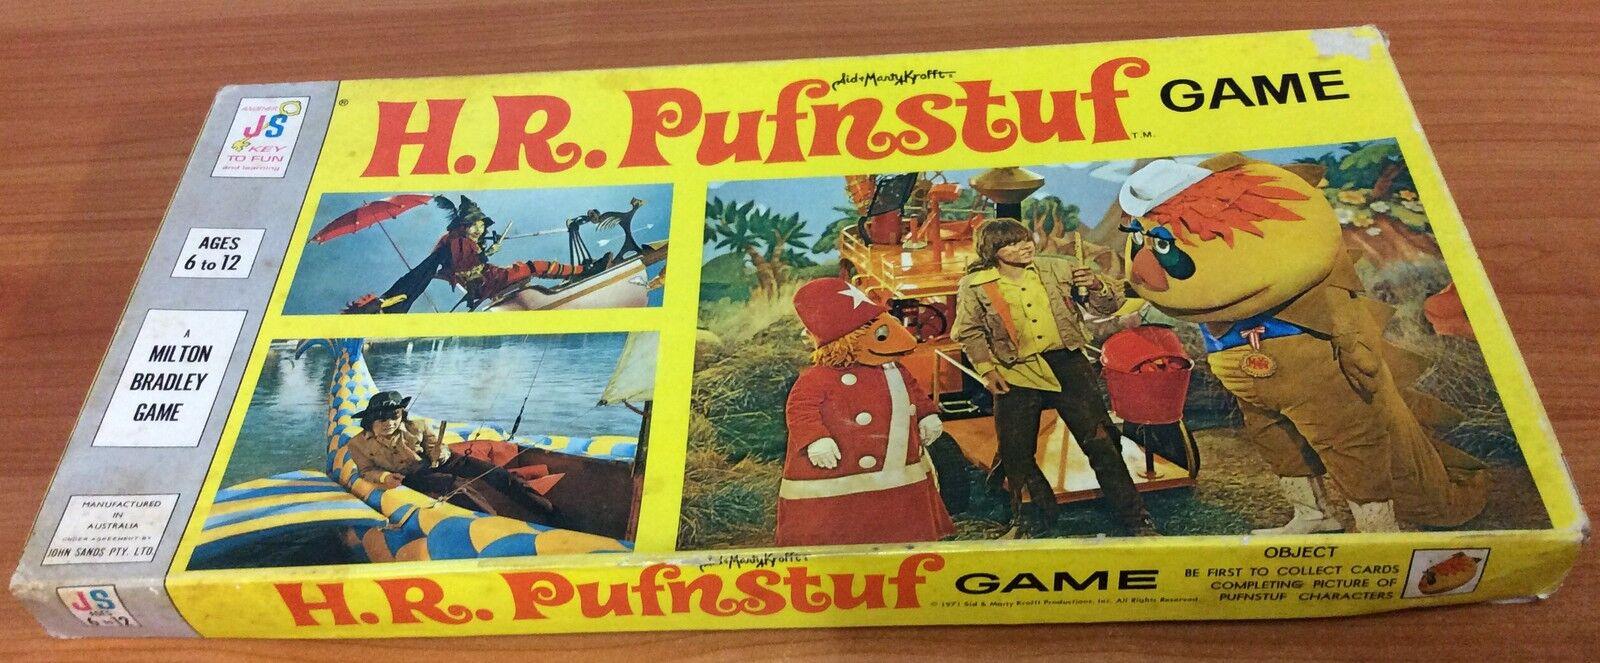 Vintage 1971 Board Game - H.R. Pufnstuf    Game - 100% complete e2199d